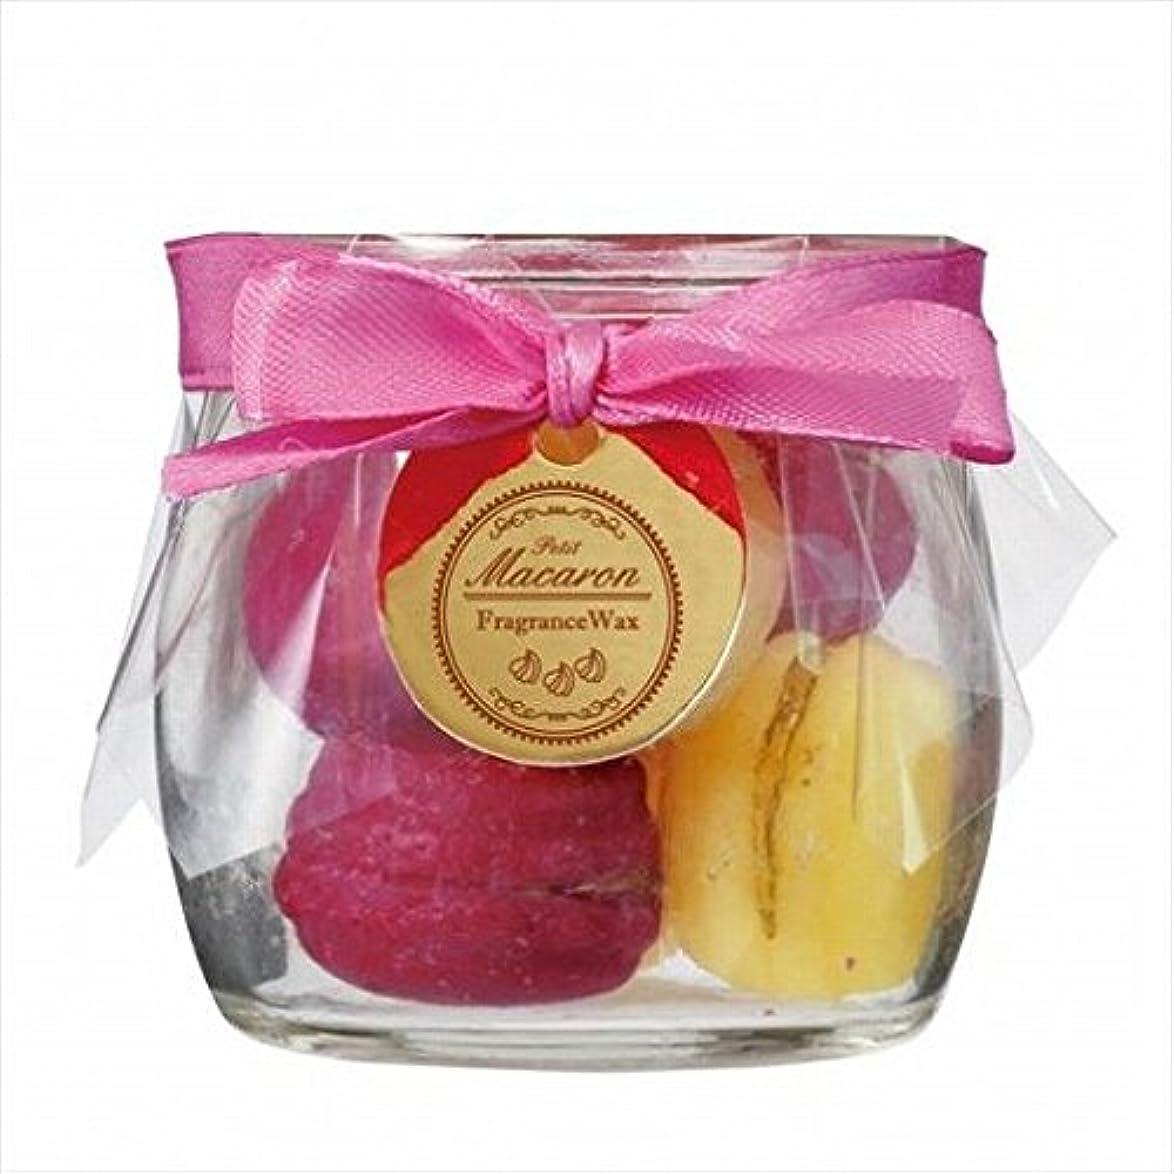 そのような油縁石sweets candle(スイーツキャンドル) プチマカロンフレグランス 「 ベリー 」 キャンドル 60x60x56mm (A3160510)